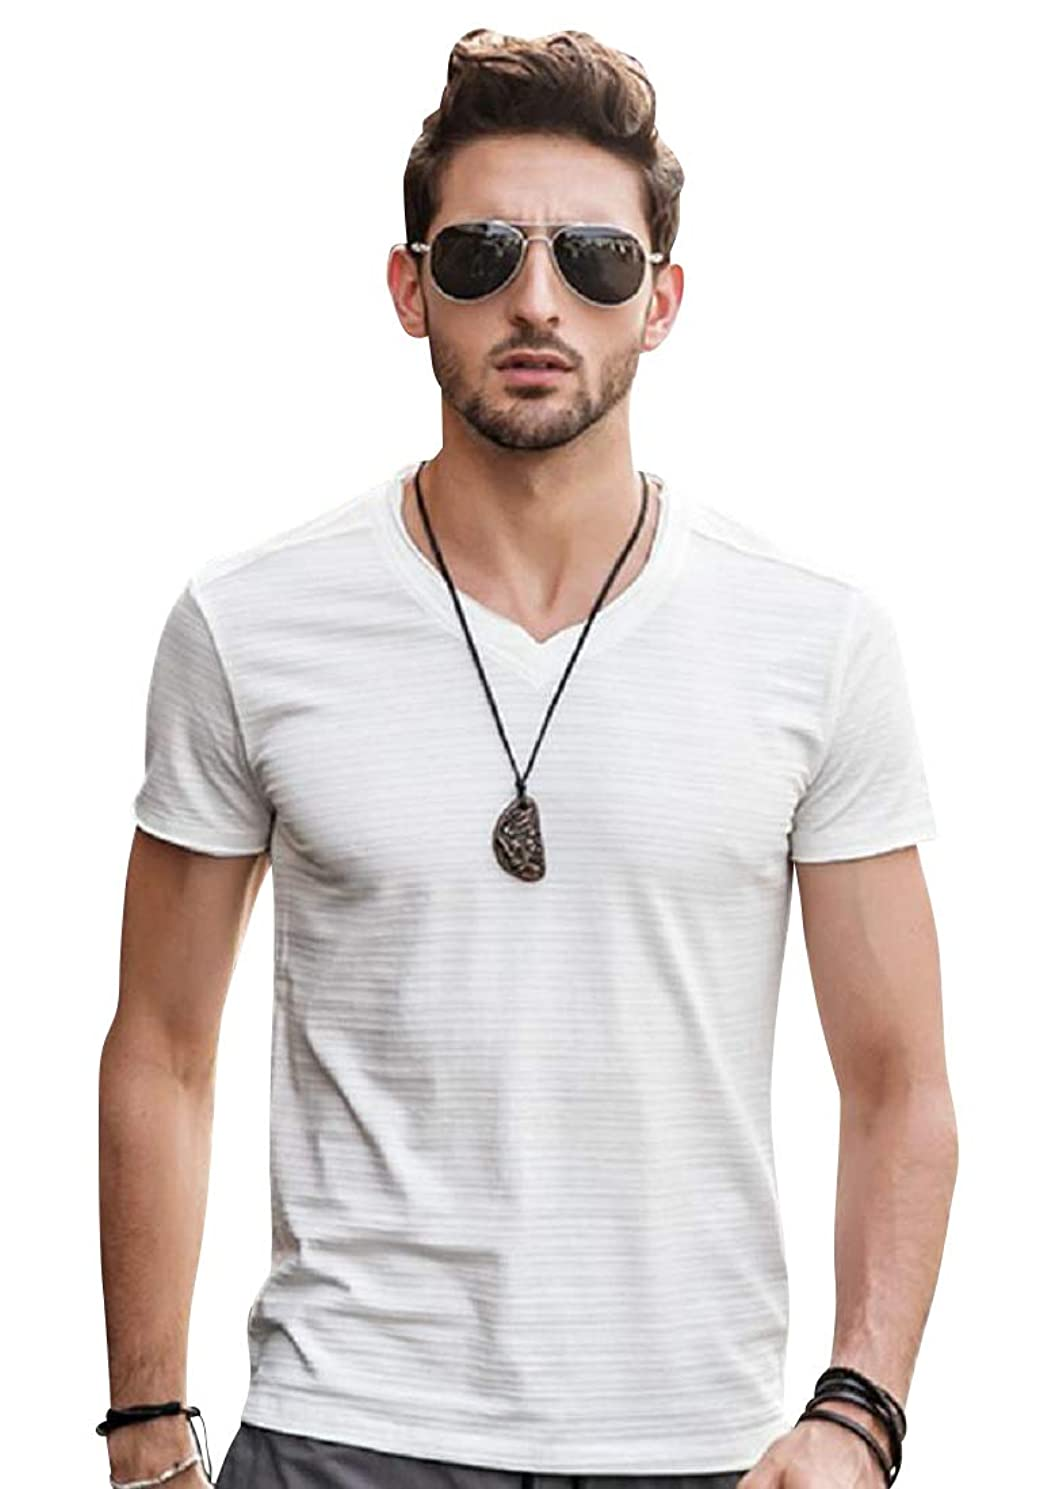 心配するクスクスコンピューター[ライズオンフリーク] メンズ 半袖 tシャツ トップス カットソー シャツ カジュアル 夏服 GT-47